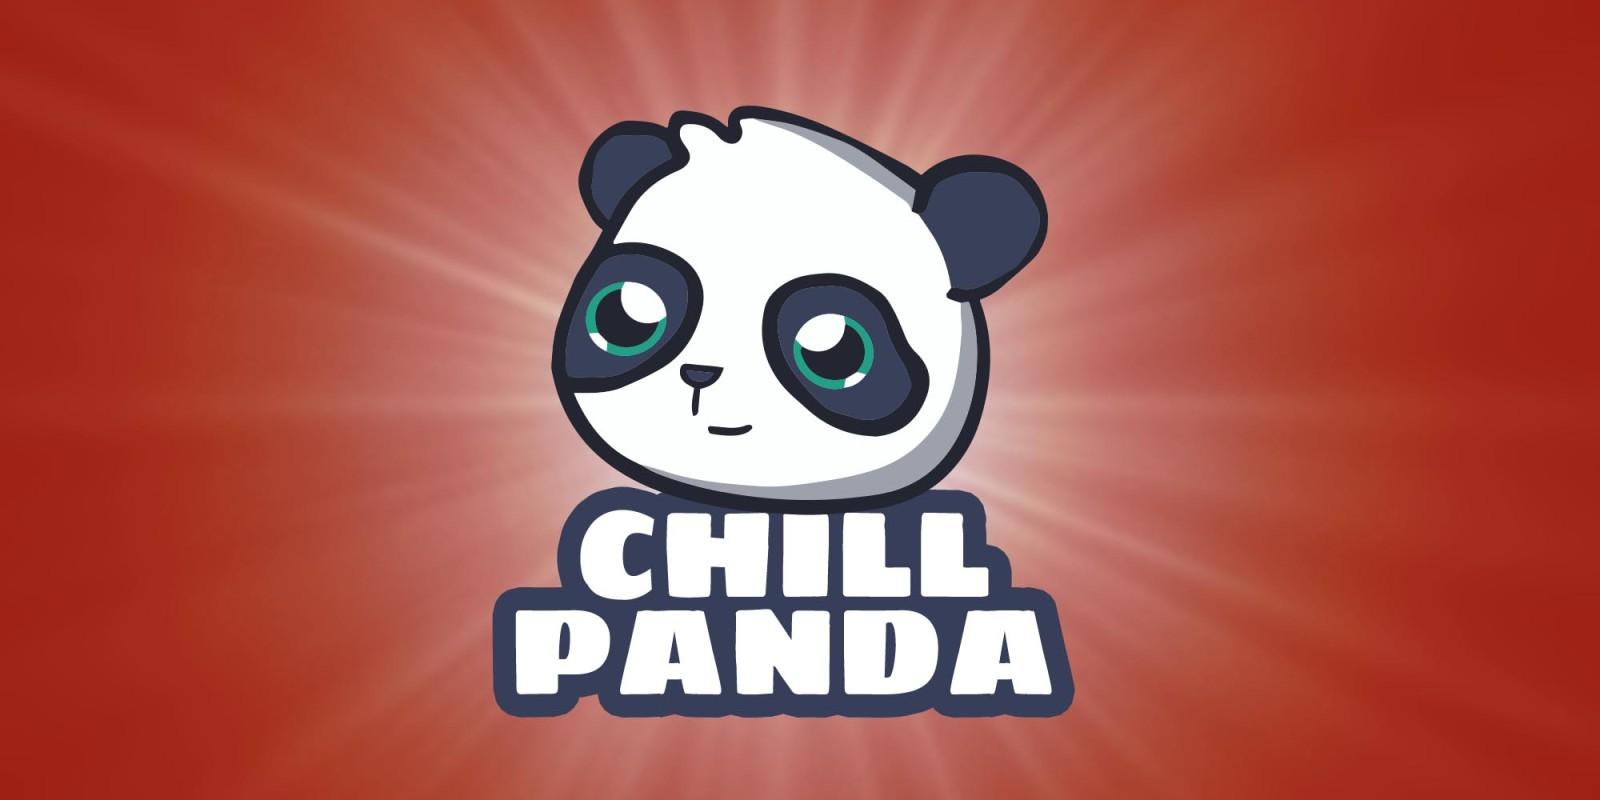 Chill Panda